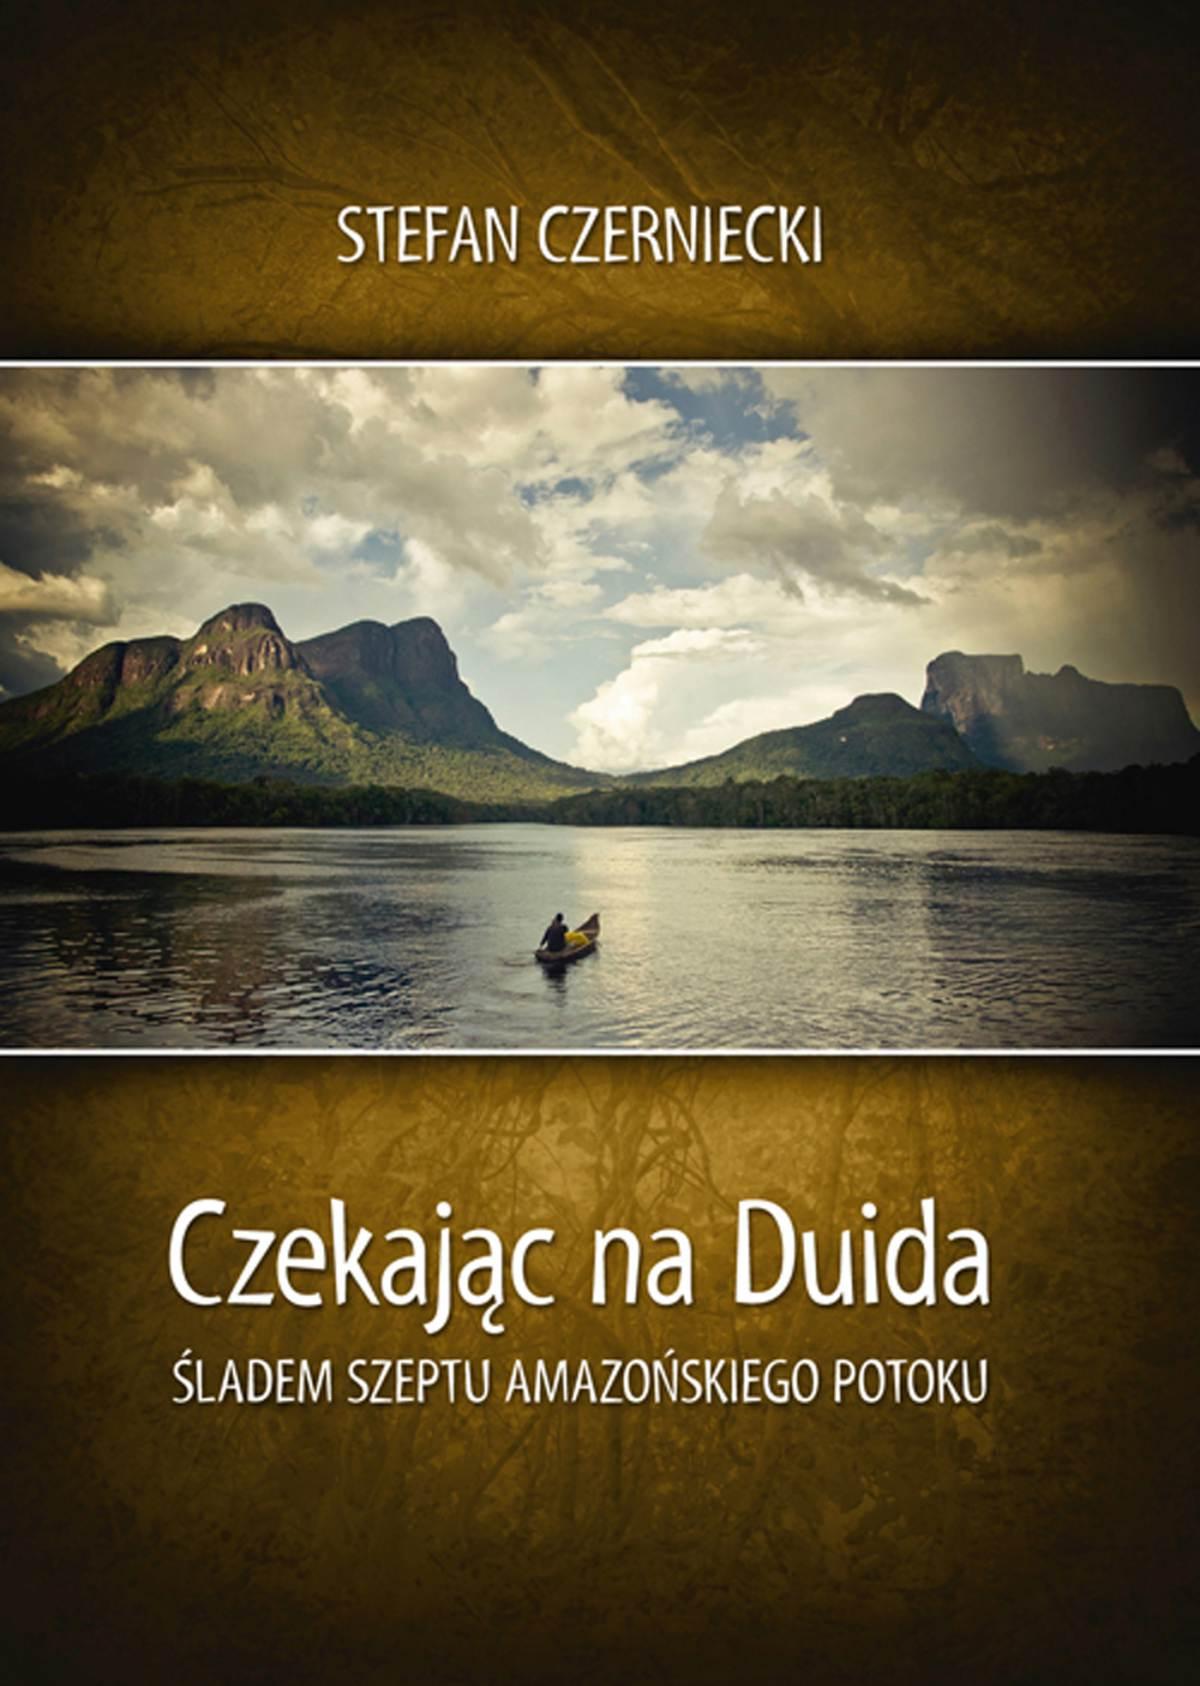 Czekając na Duida. Śladem szeptu amazońskiego potoku - Ebook (Książka EPUB) do pobrania w formacie EPUB